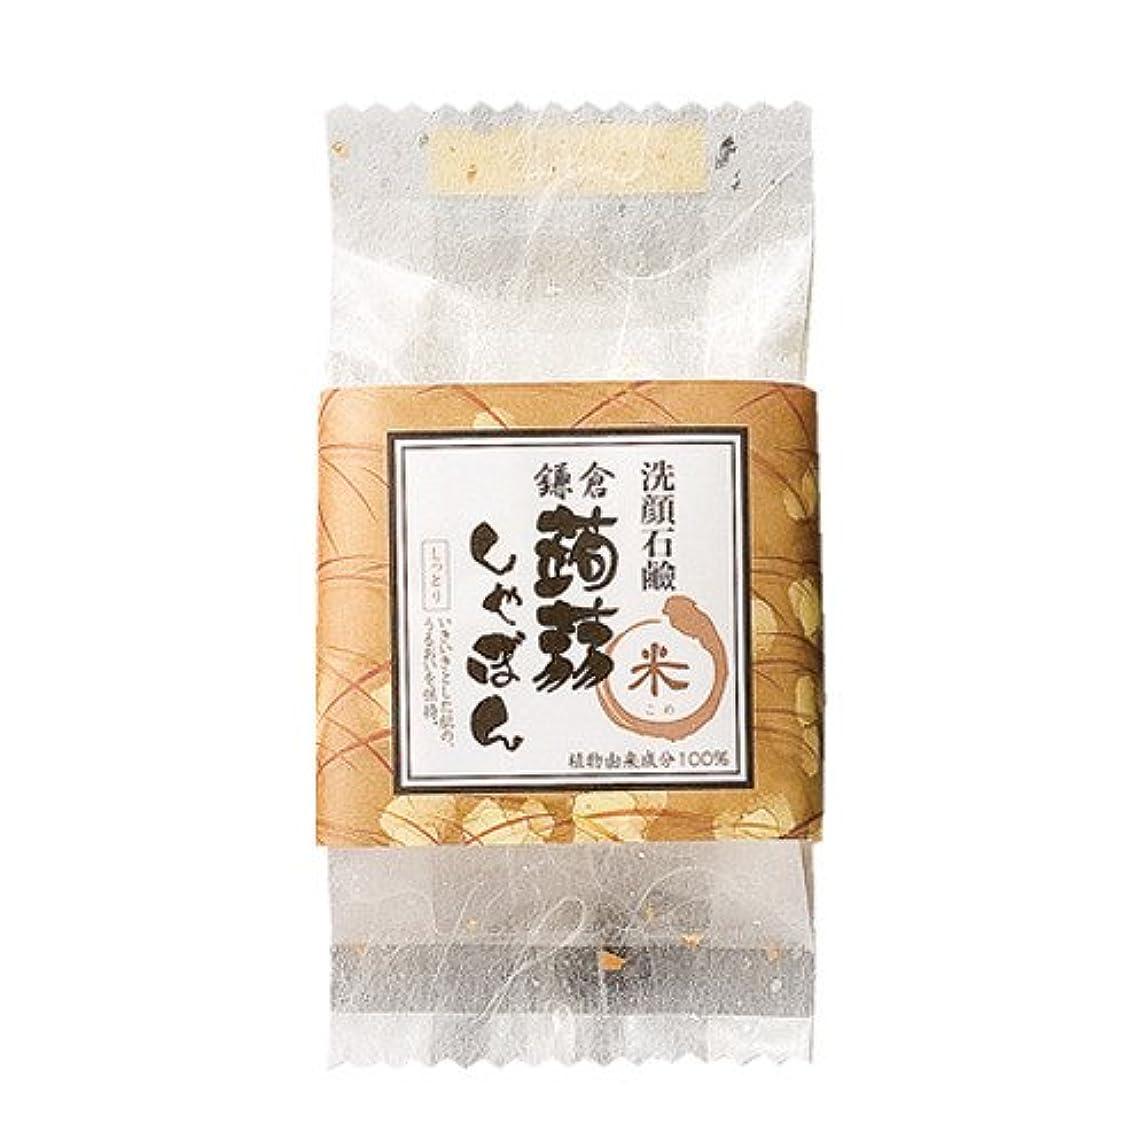 社説汚れる誰も鎌倉 蒟蒻しゃぼん 米